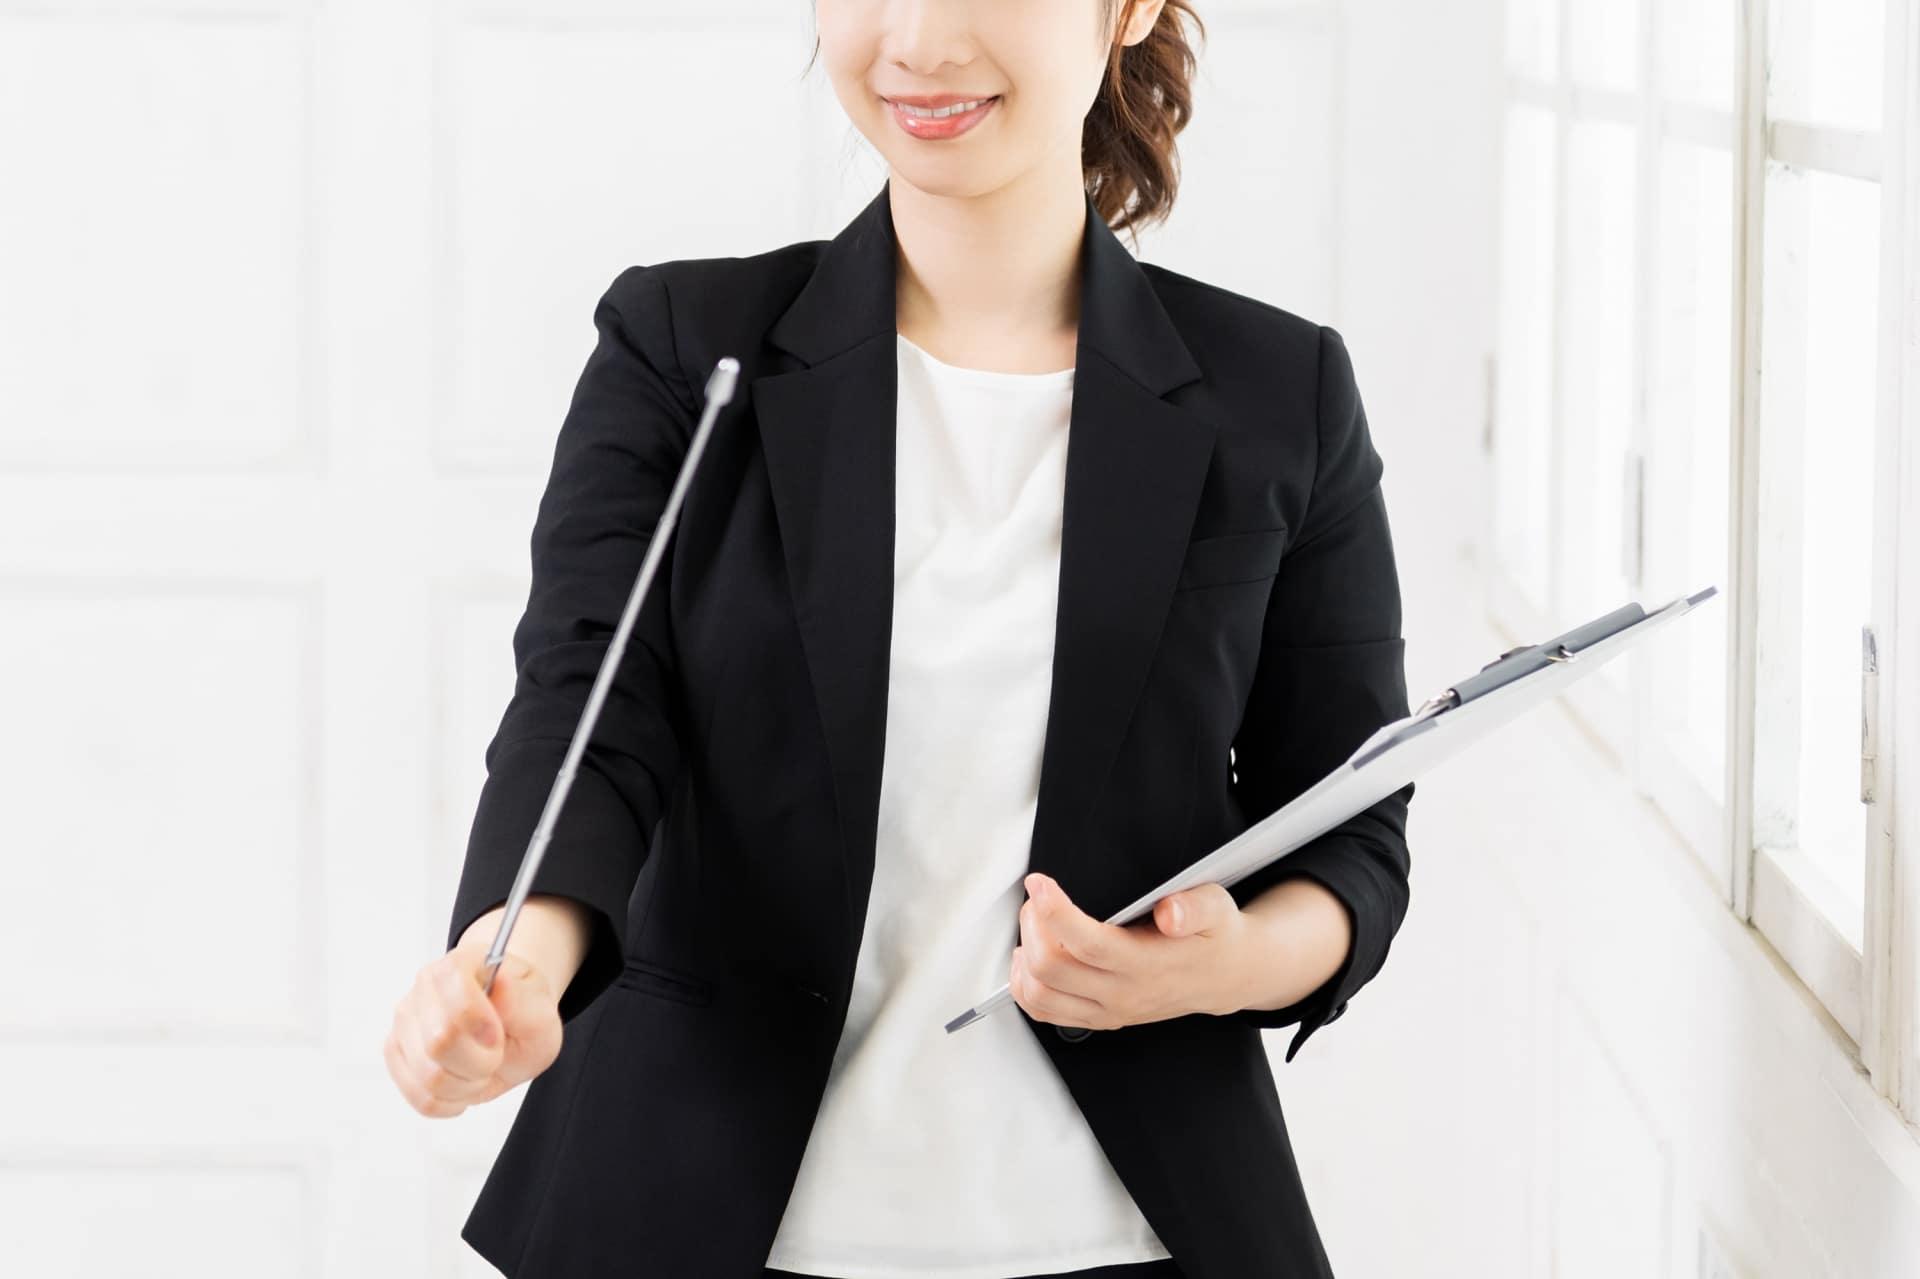 支持棒を持つ女性